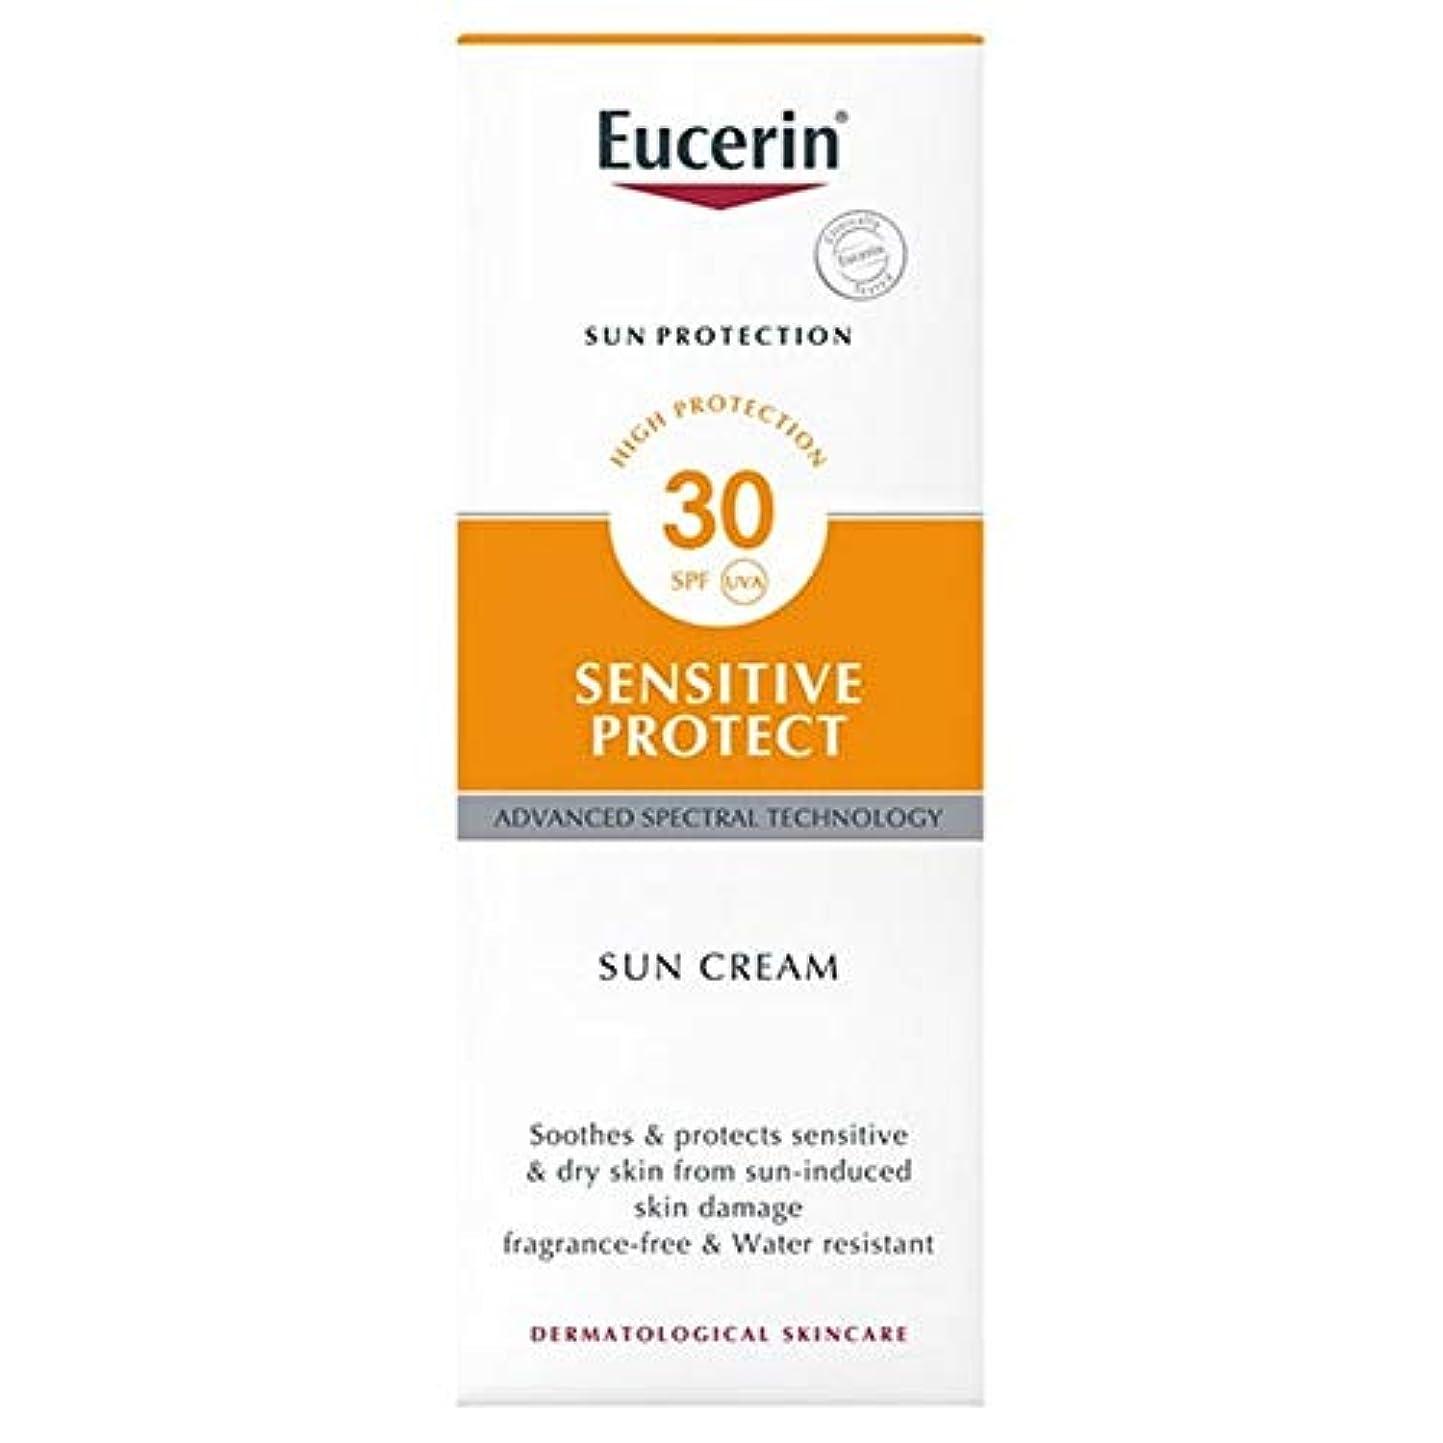 分析アセ気配りのある[Eucerin ] ユーセリン敏感プロテクト日クリームSpf30の50ミリリットル - Eucerin Sensitive Protect Sun Cream SPF30 50ml [並行輸入品]